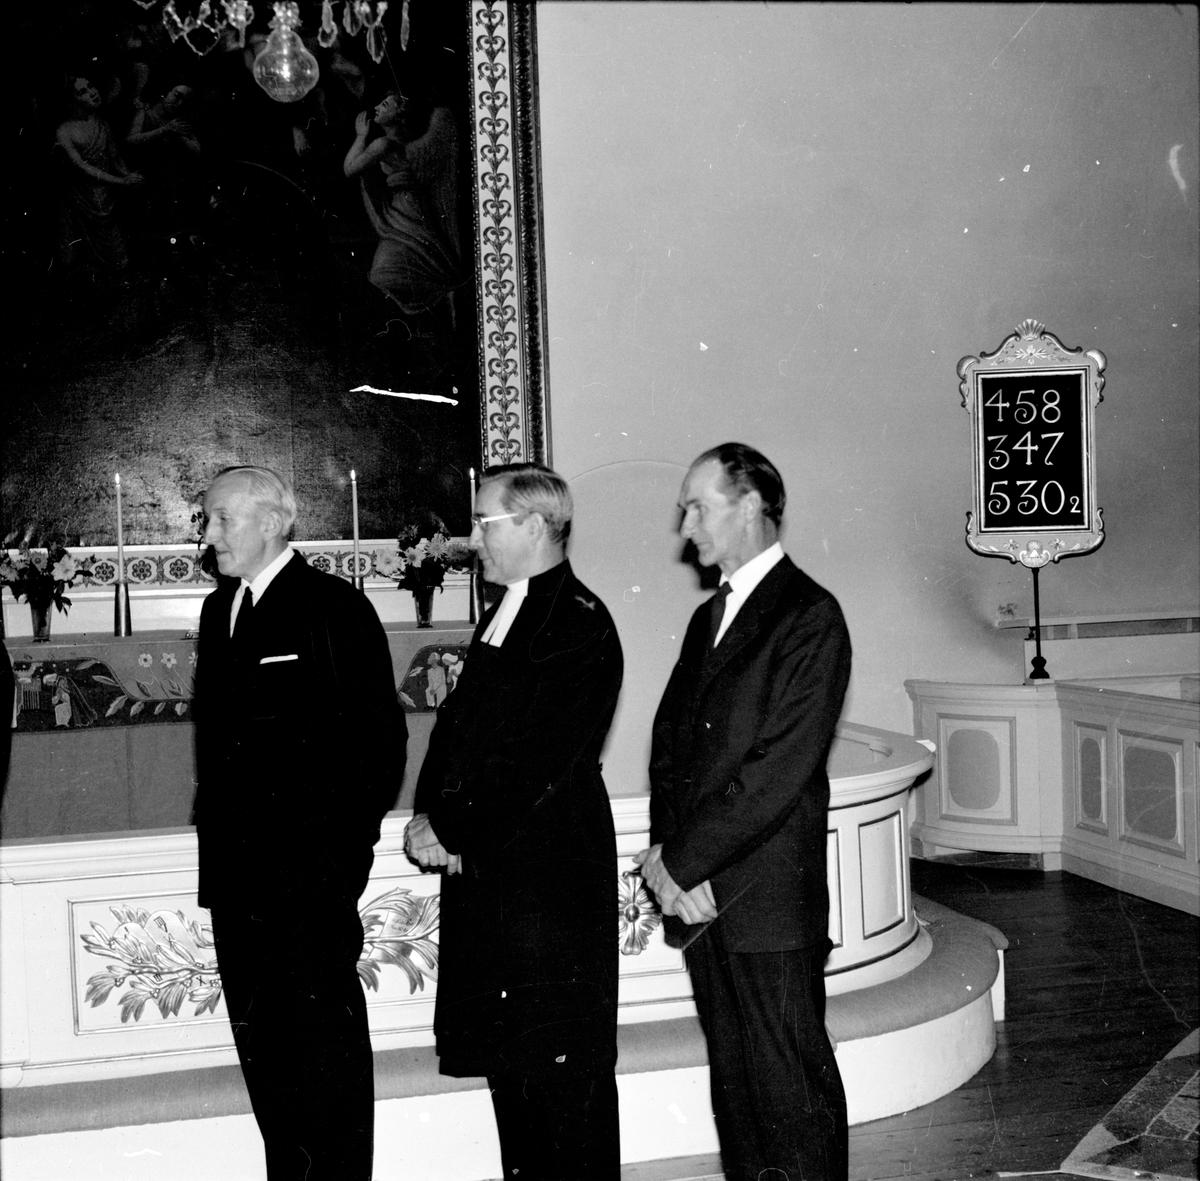 Undersvik, Blomqvists avtackas i Undersviks kyrka, Maj 1970